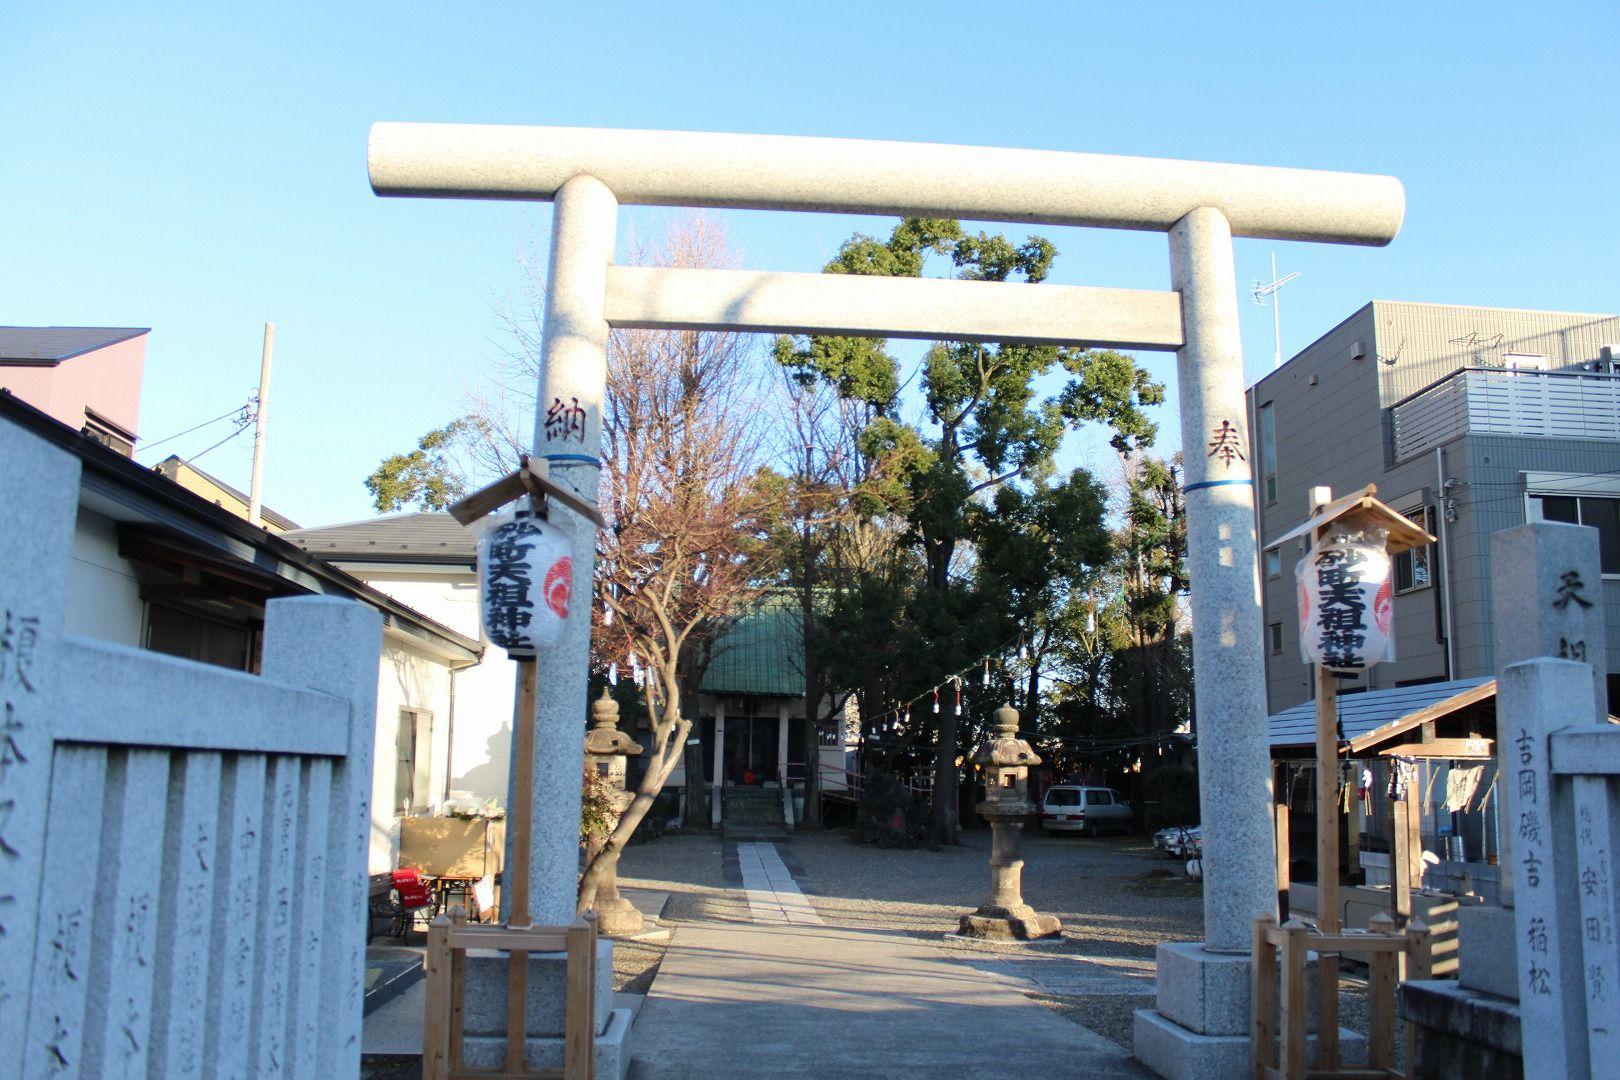 「砂町銀座 神社」の画像検索結果